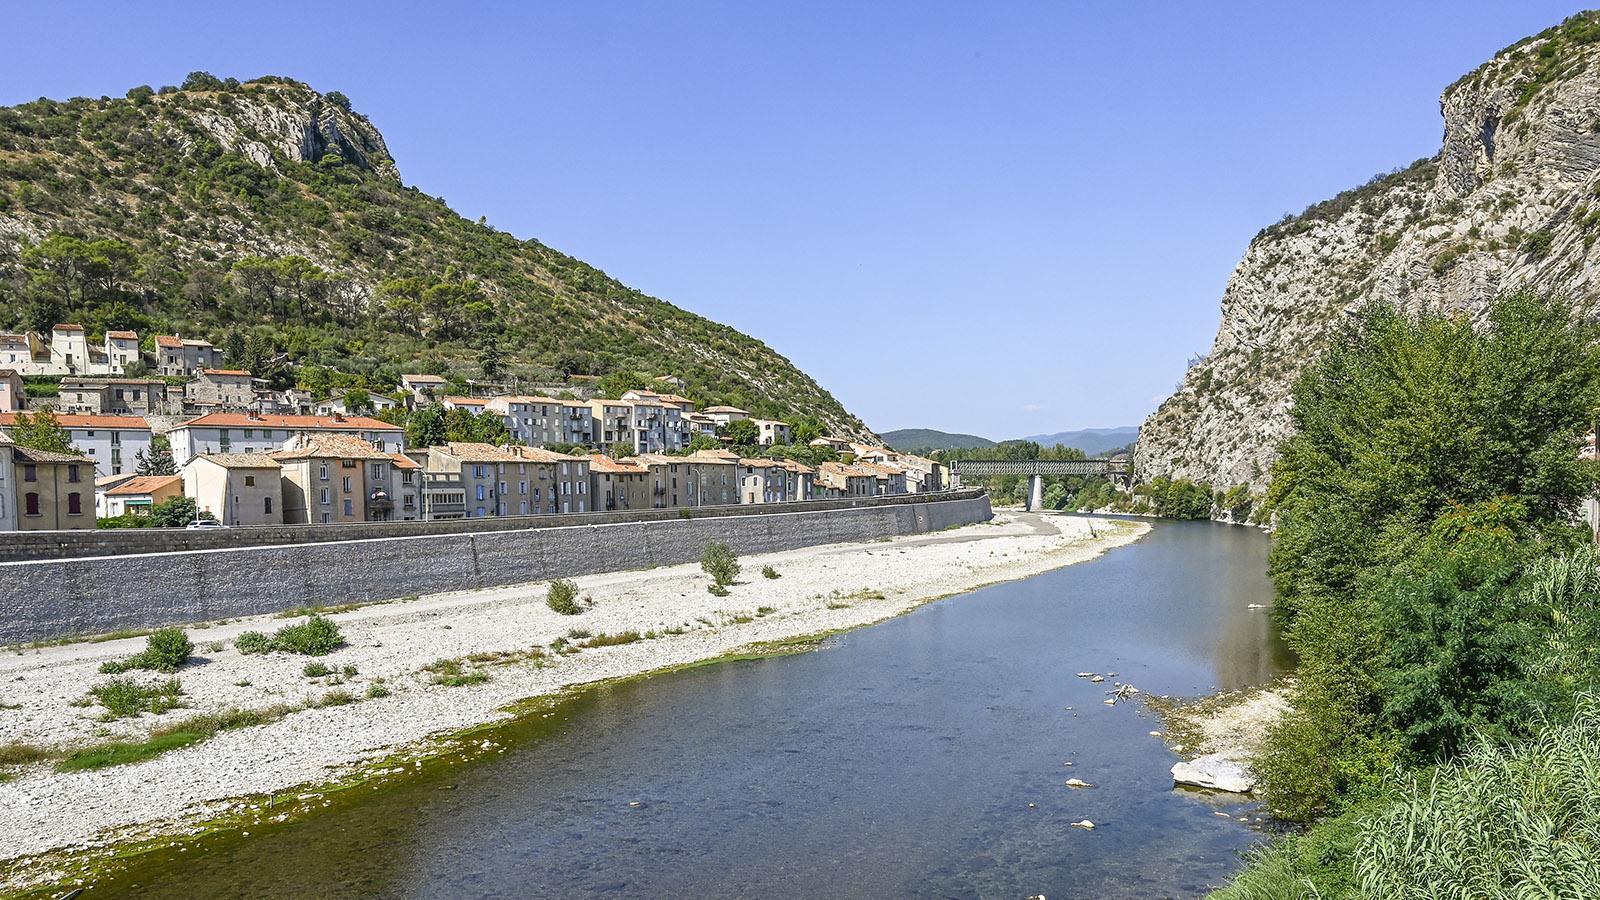 Anduze und seine Klamm. Porte des Cévennes heißt sie, Tor zu de Cevennen. Foto: Hilke Maunder